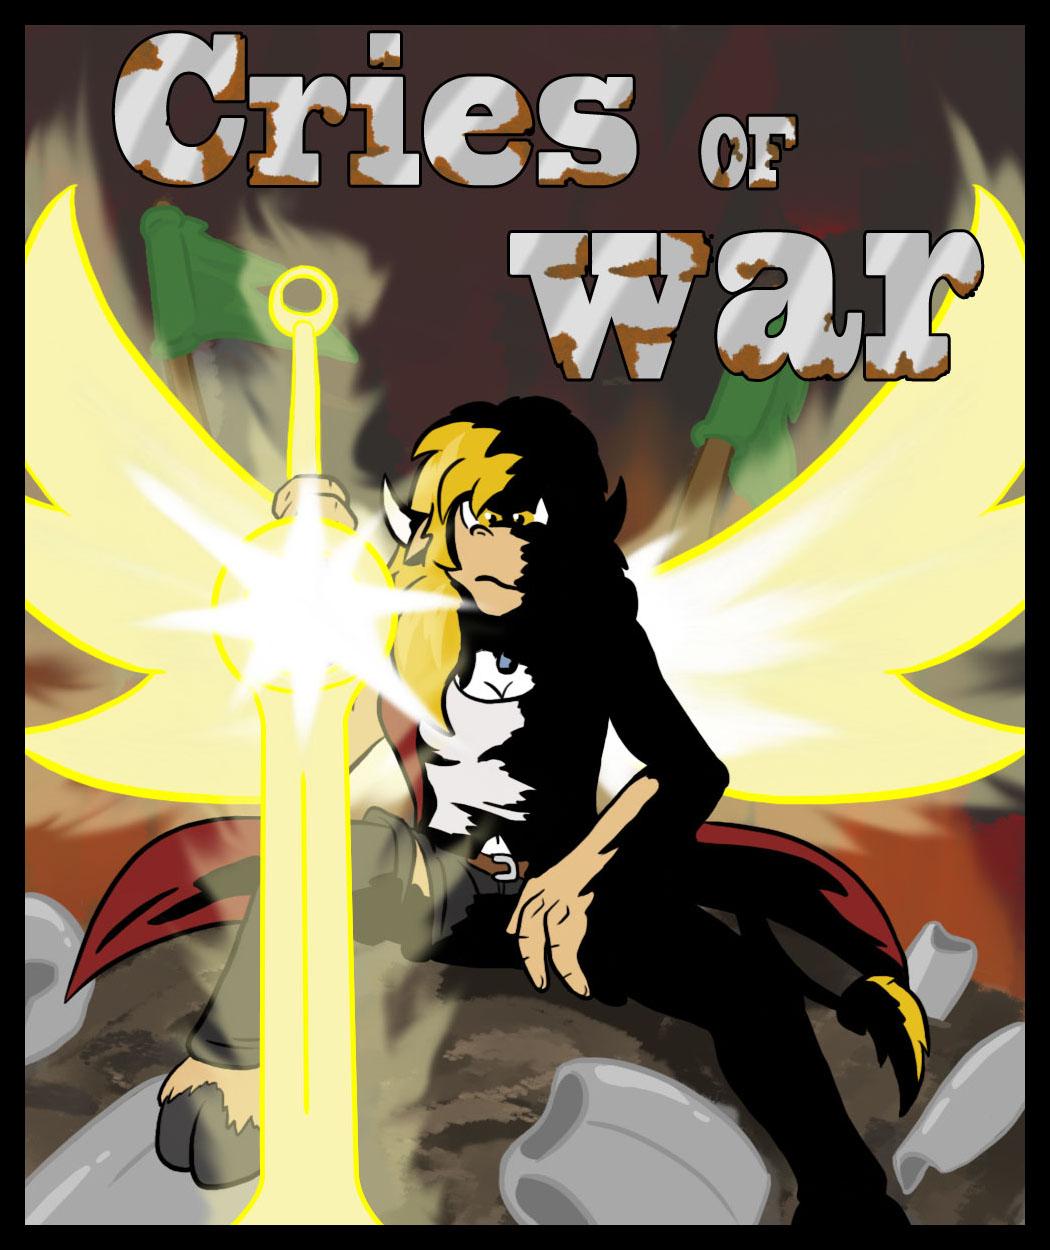 Cries of War